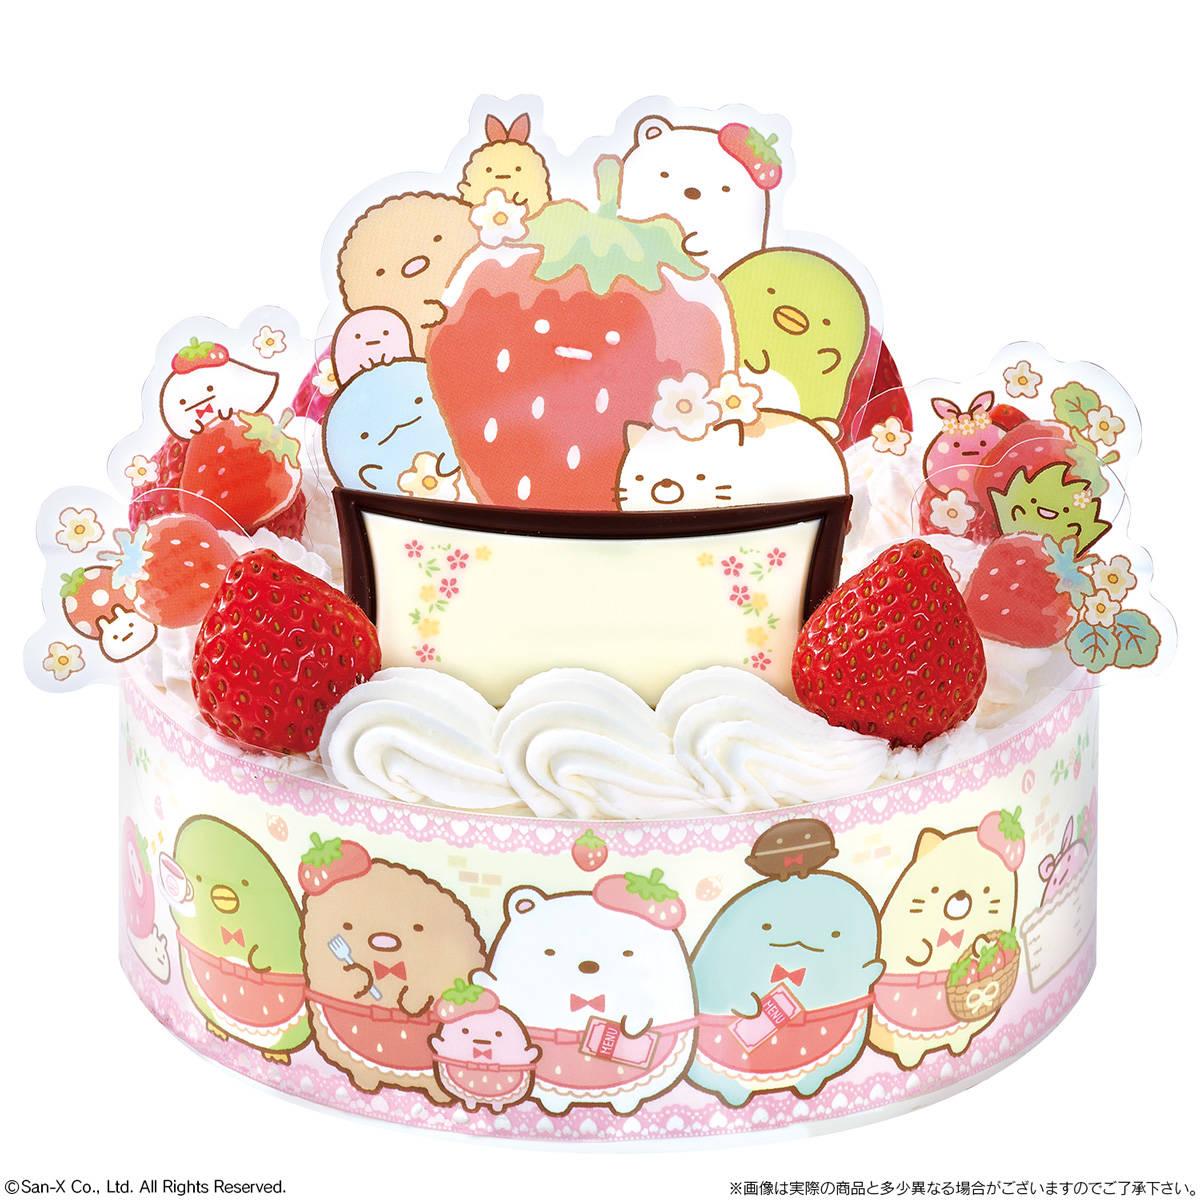 『すみっコぐらし』好みにデコれるケーキが登場♪ おうちクリスマスにおすすめ♪